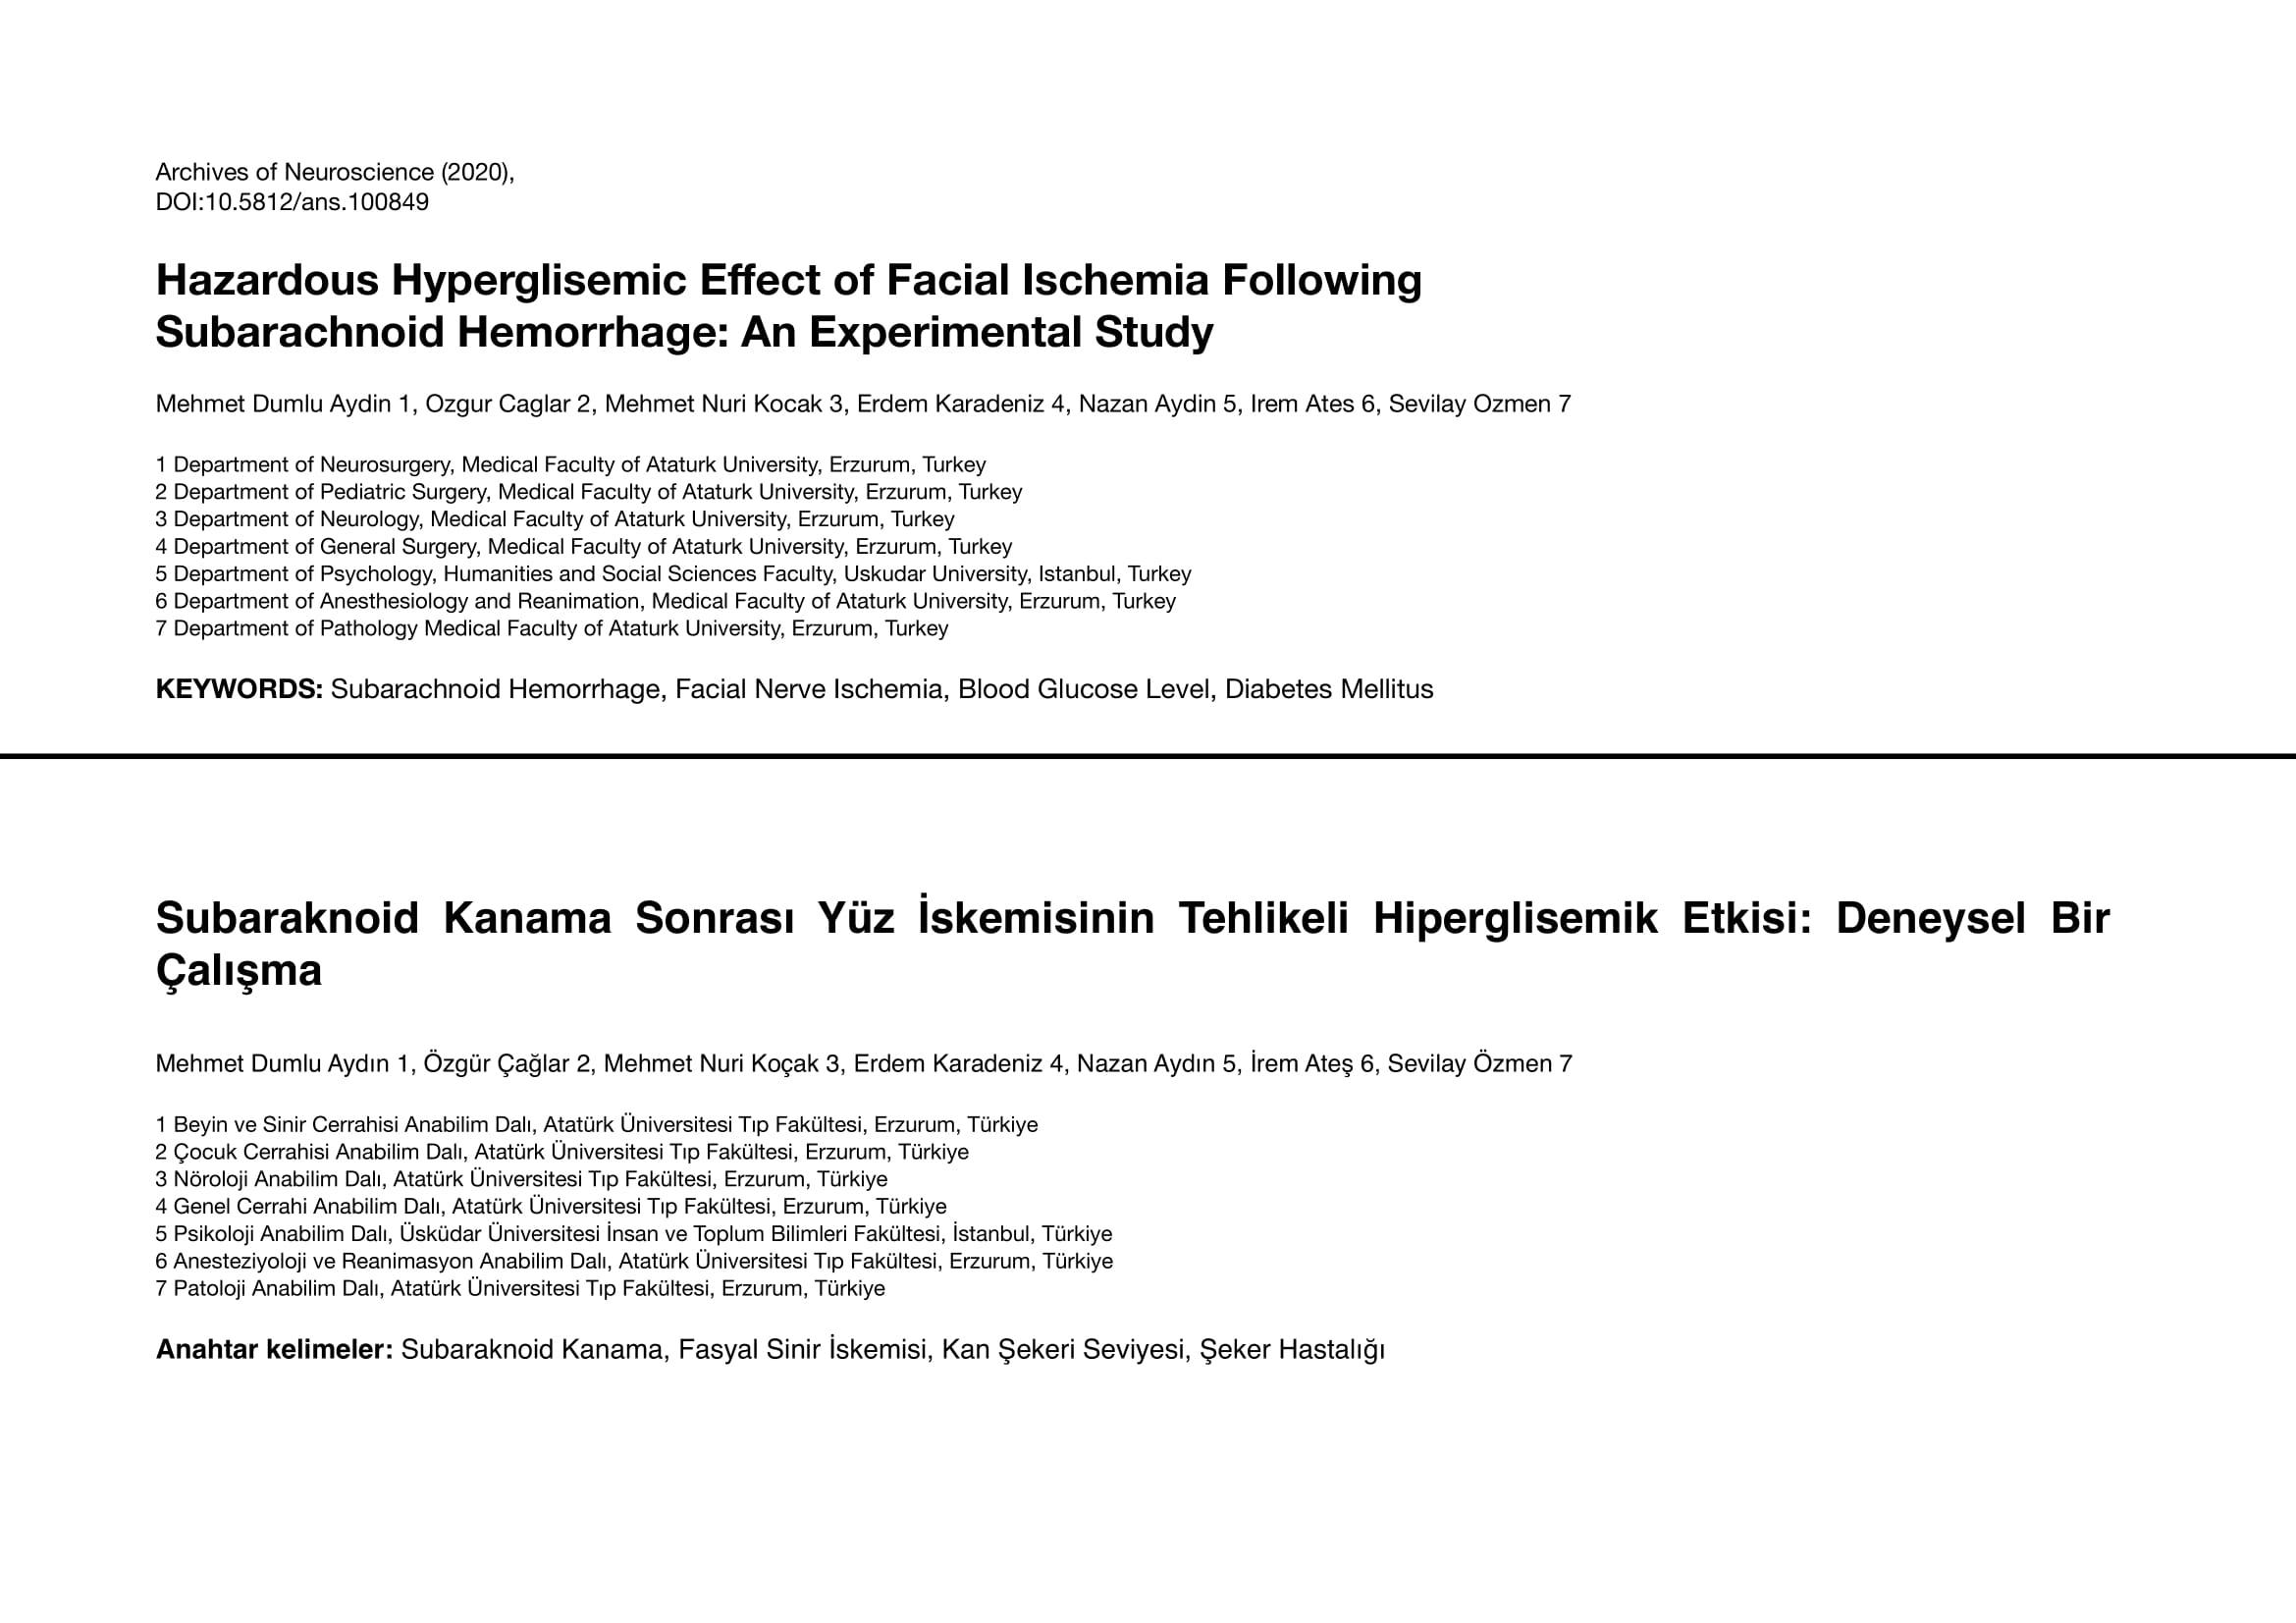 Subaraknoid Kanama Sonrası Yüz İskemisinin Tehlikeli Hiperglisemik Etkisi: Deneysel Bir Çalışma